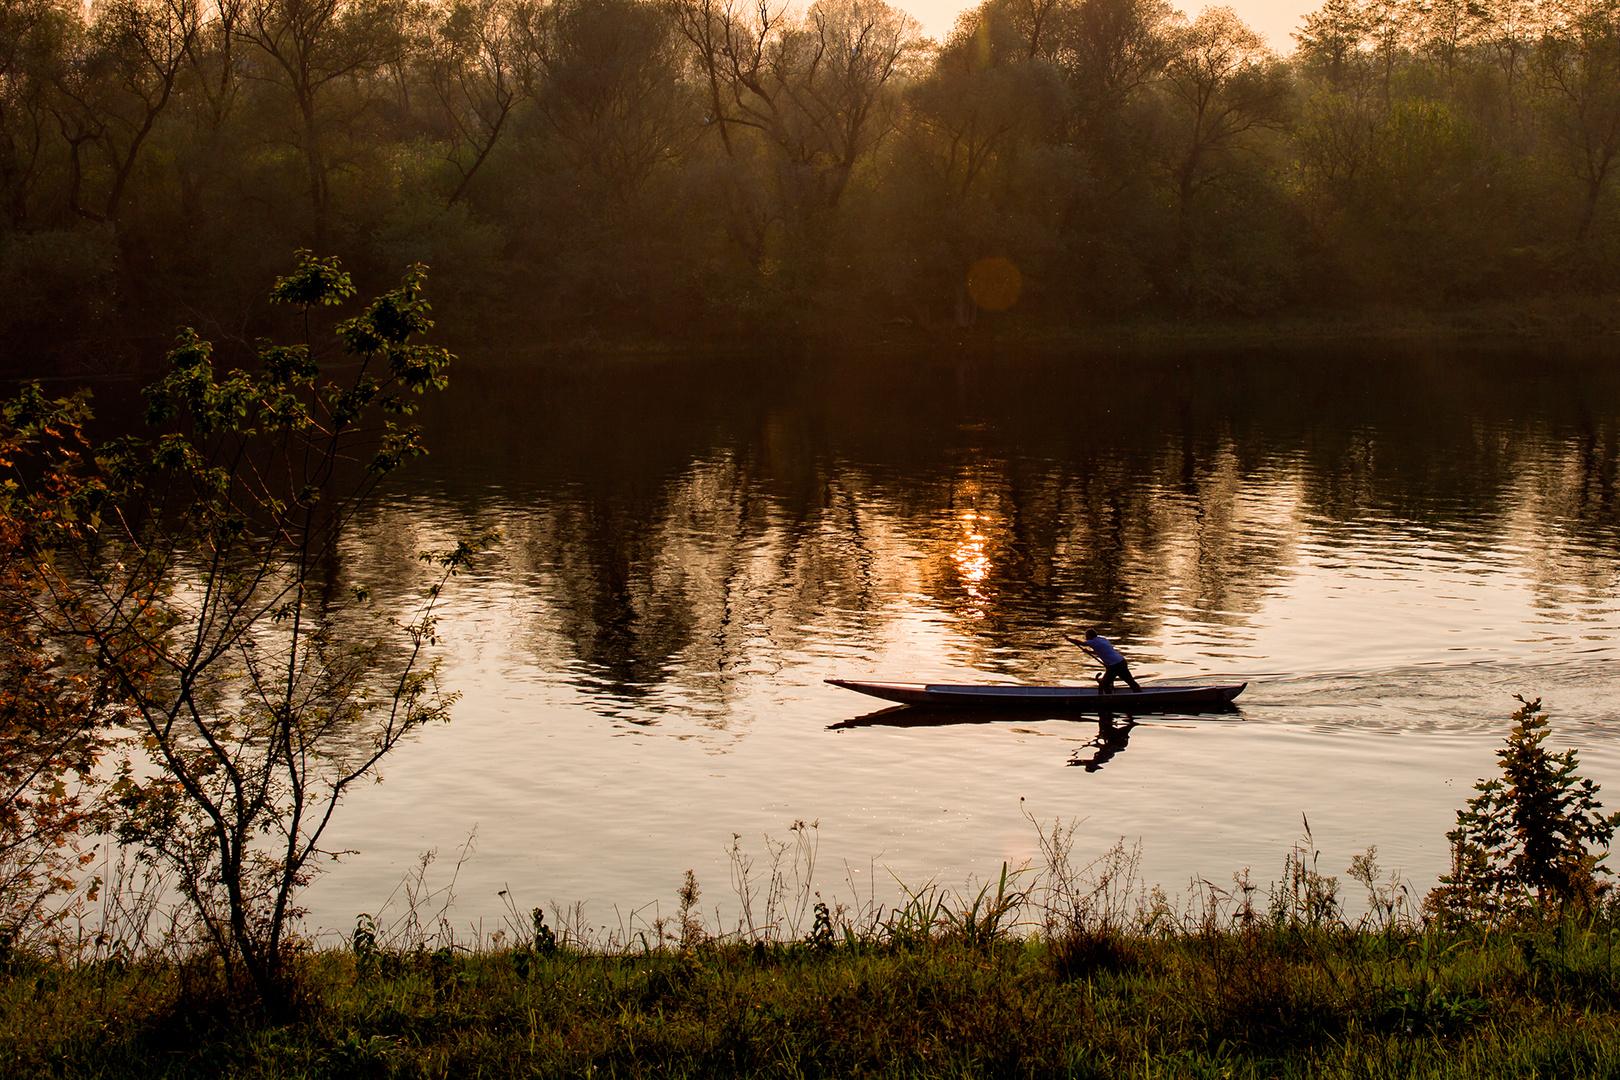 lungo il fiume, il barcaiolo